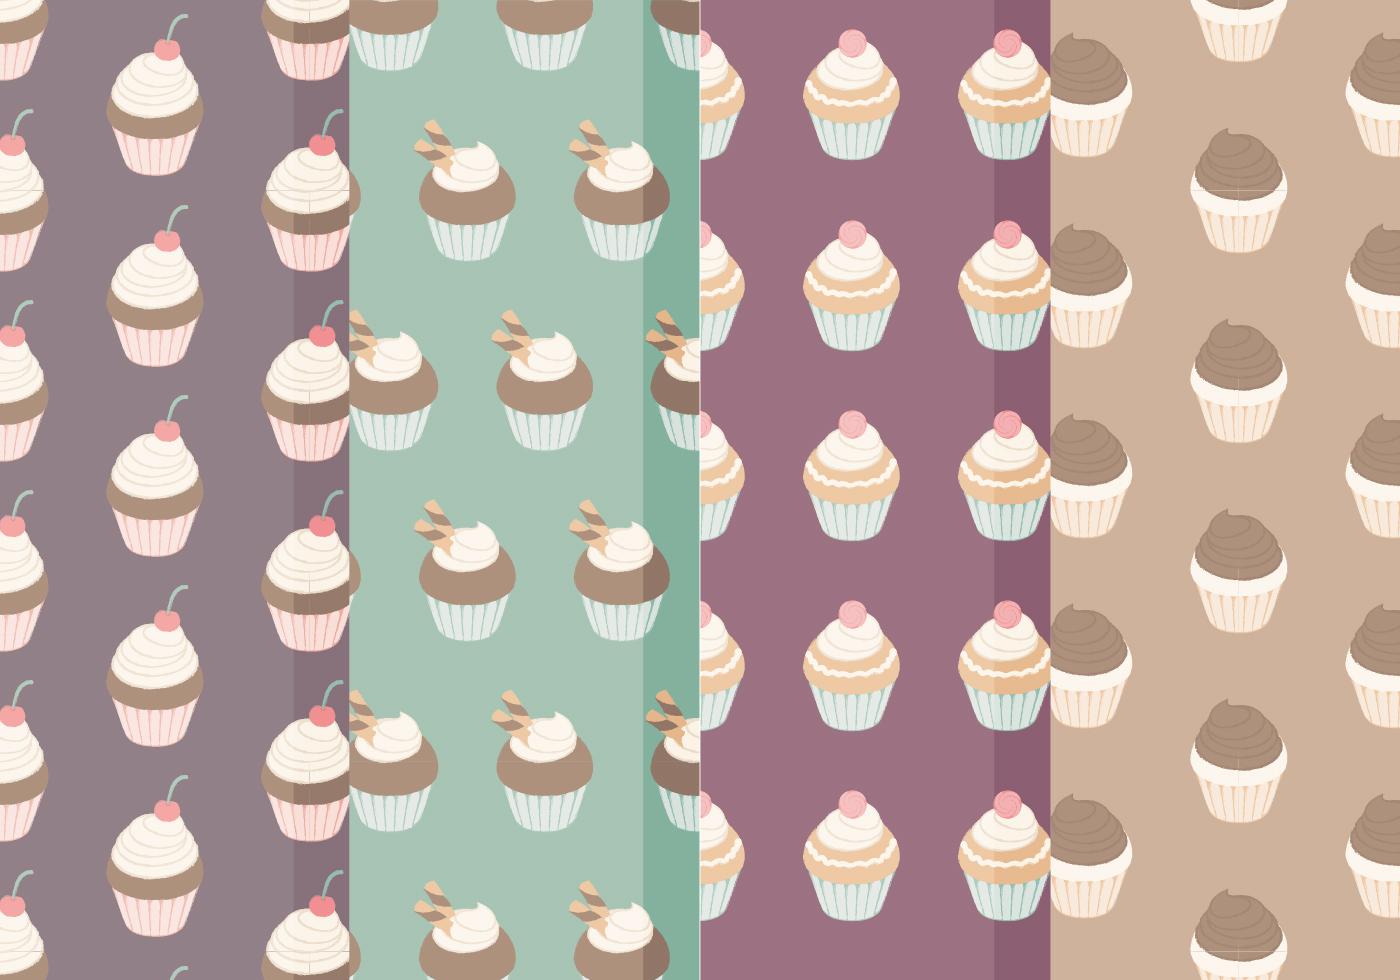 Modele De Cupcake Vector Telecharger Vectoriel Gratuit Clipart Graphique Vecteur Dessins Et Pictogramme Gratuit